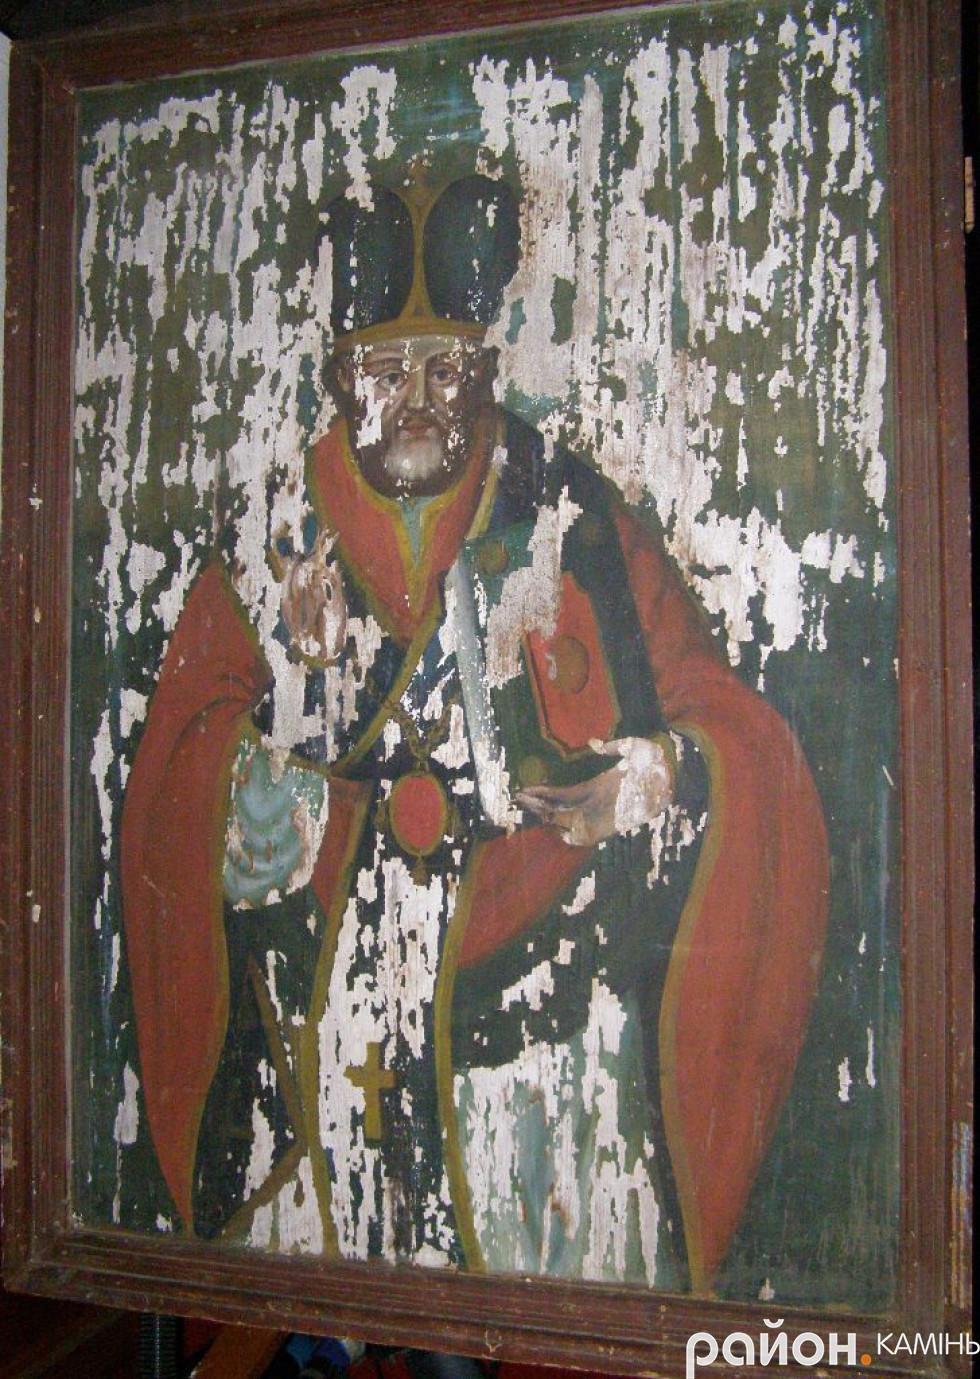 Св. Миколай, ХІХ ст., церква Успіння Богородиці, с. Запруддя Камінь-Каширського району